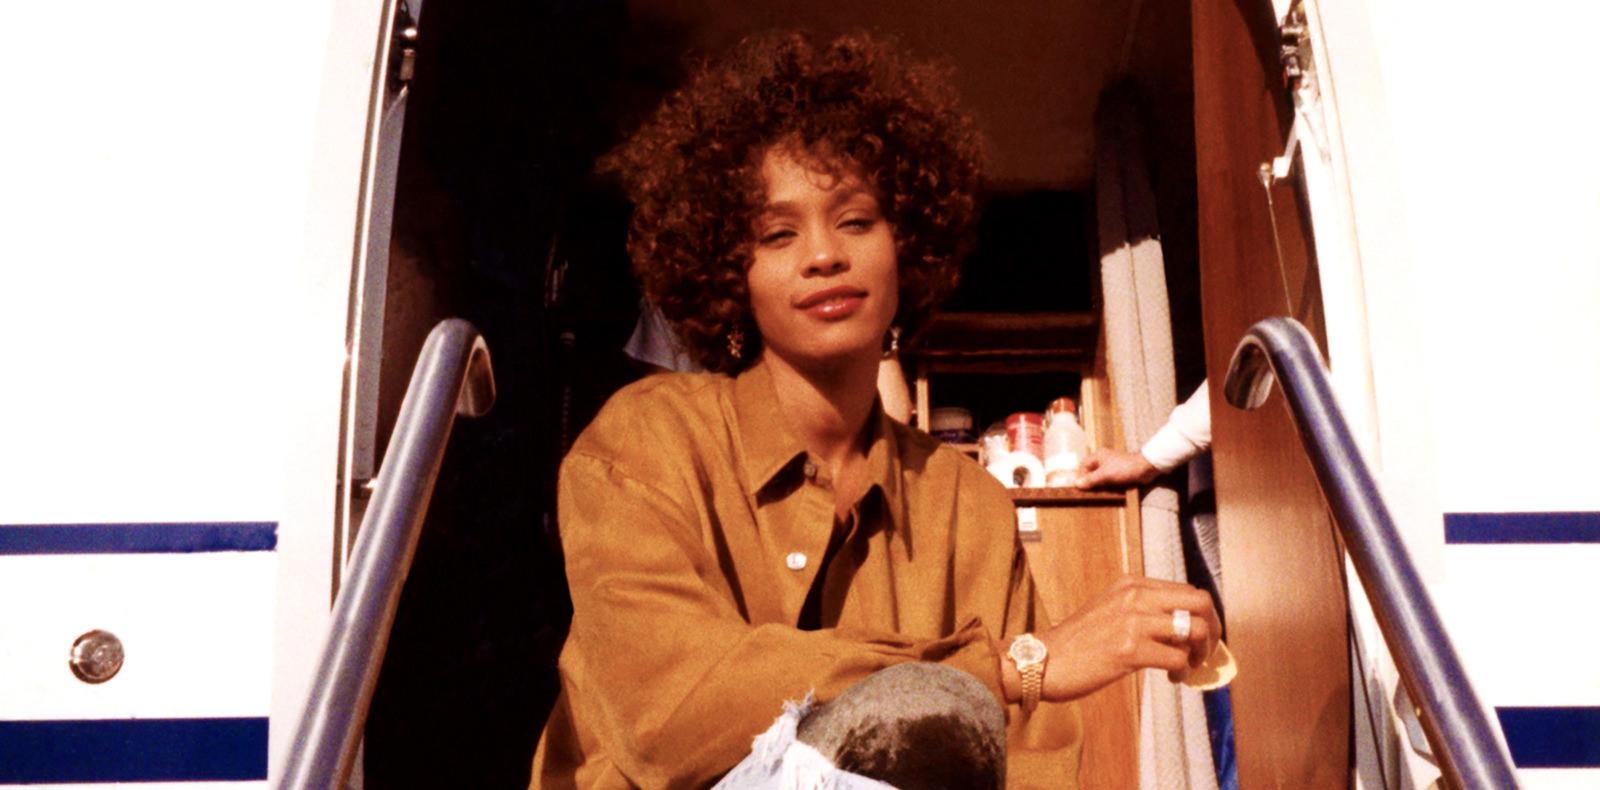 Présenté à Cannes, un documentaire révèle la face cachée de Whitney Houston